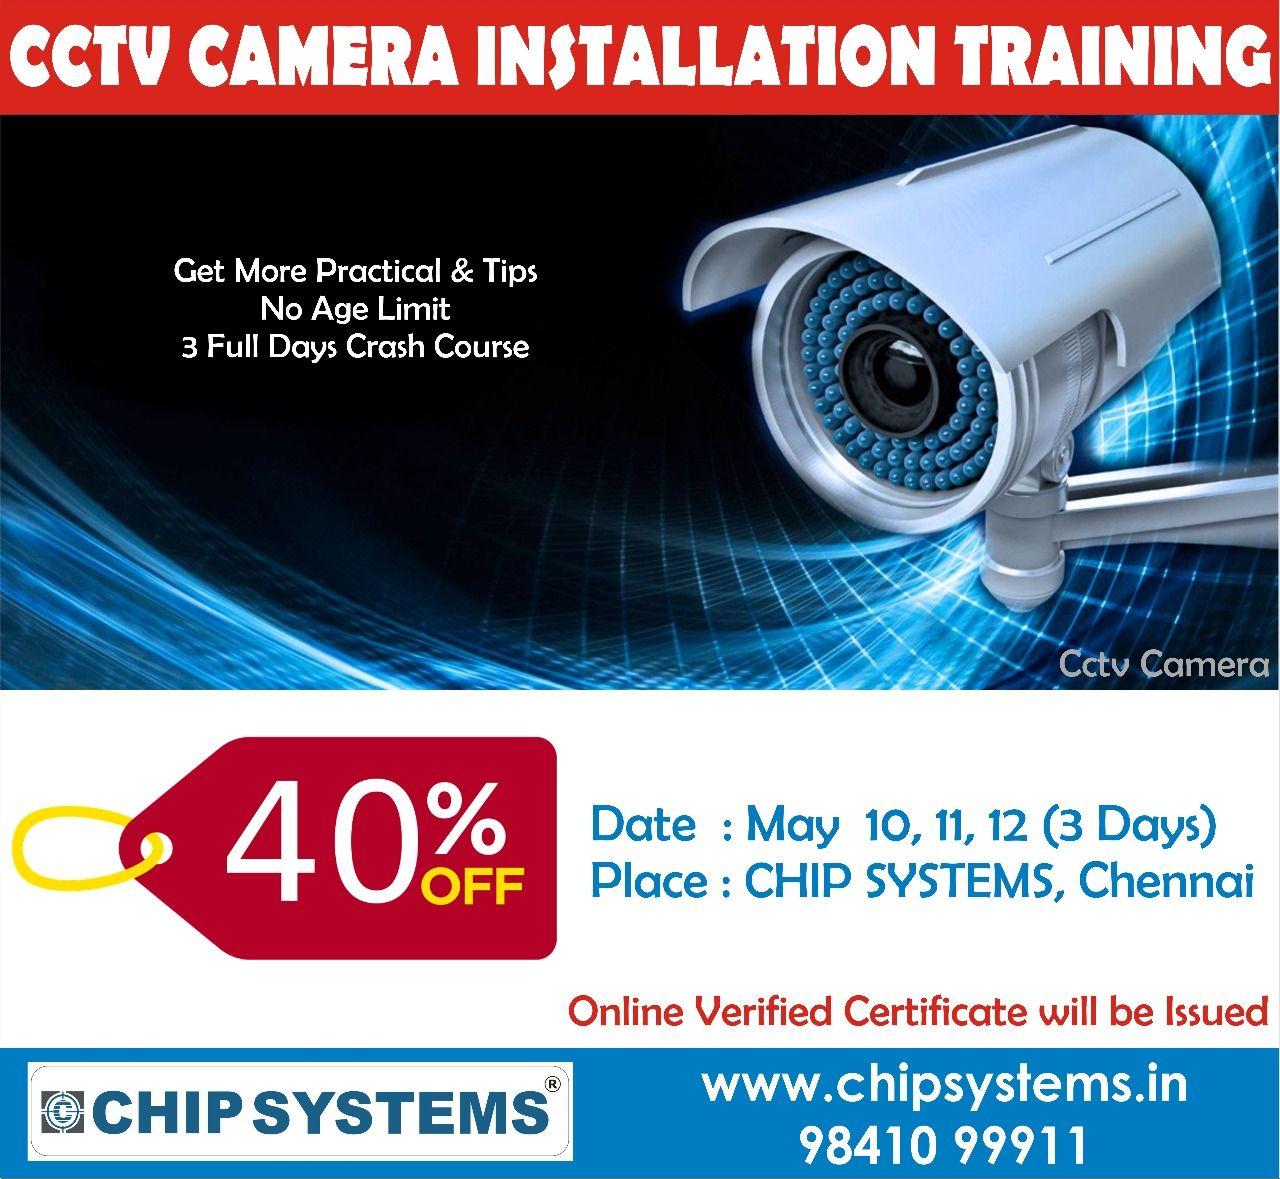 Hai everybody chipsystems provides cctv camera